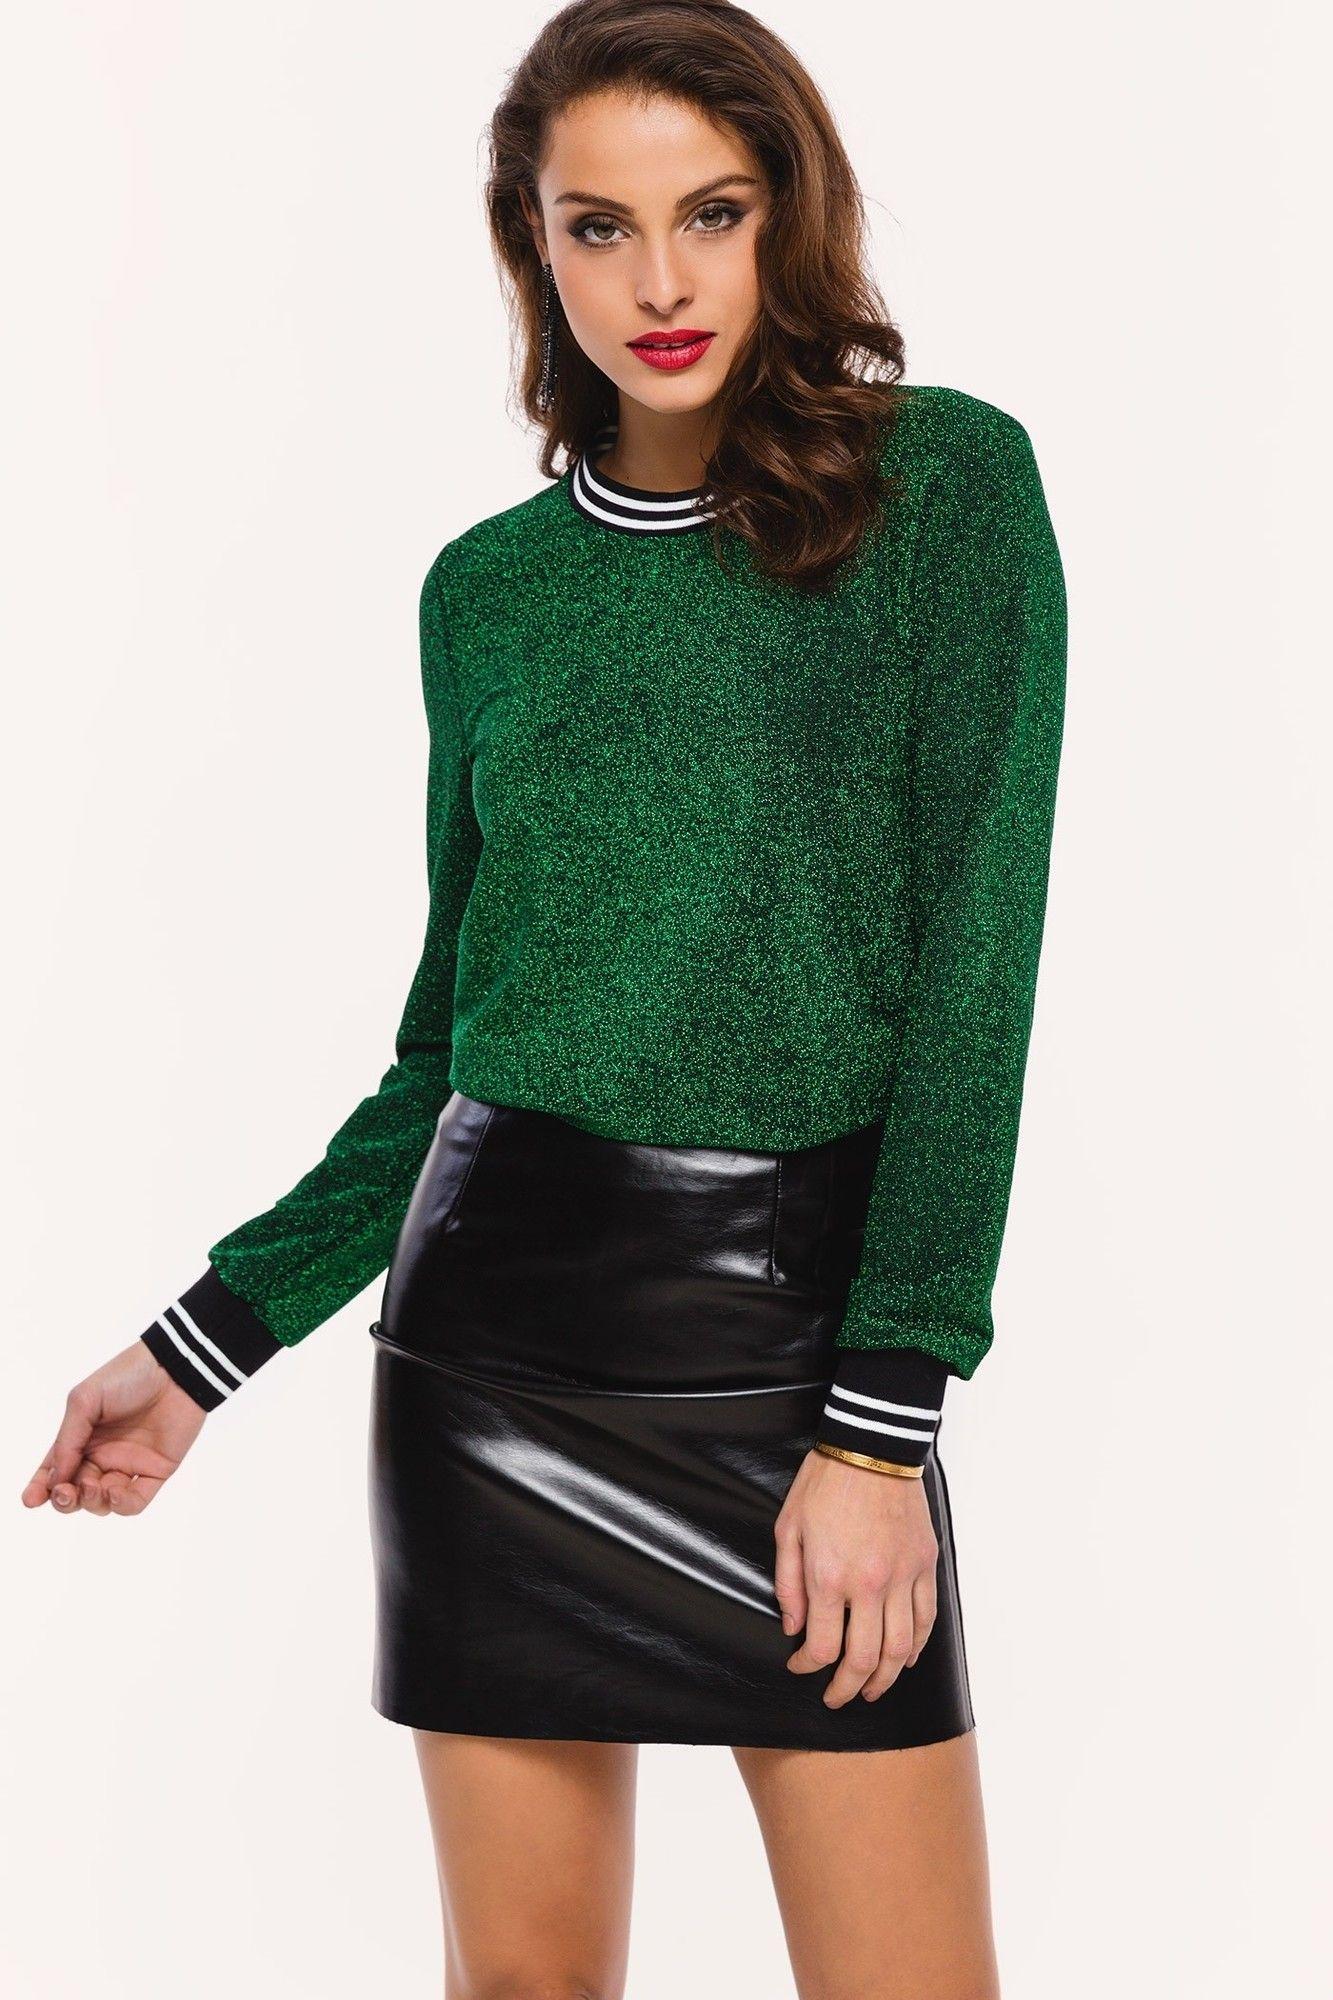 Zwarte Trui Met Leer.Loavies Groene Glitter Trui Fashion Webshop Loavies Fall